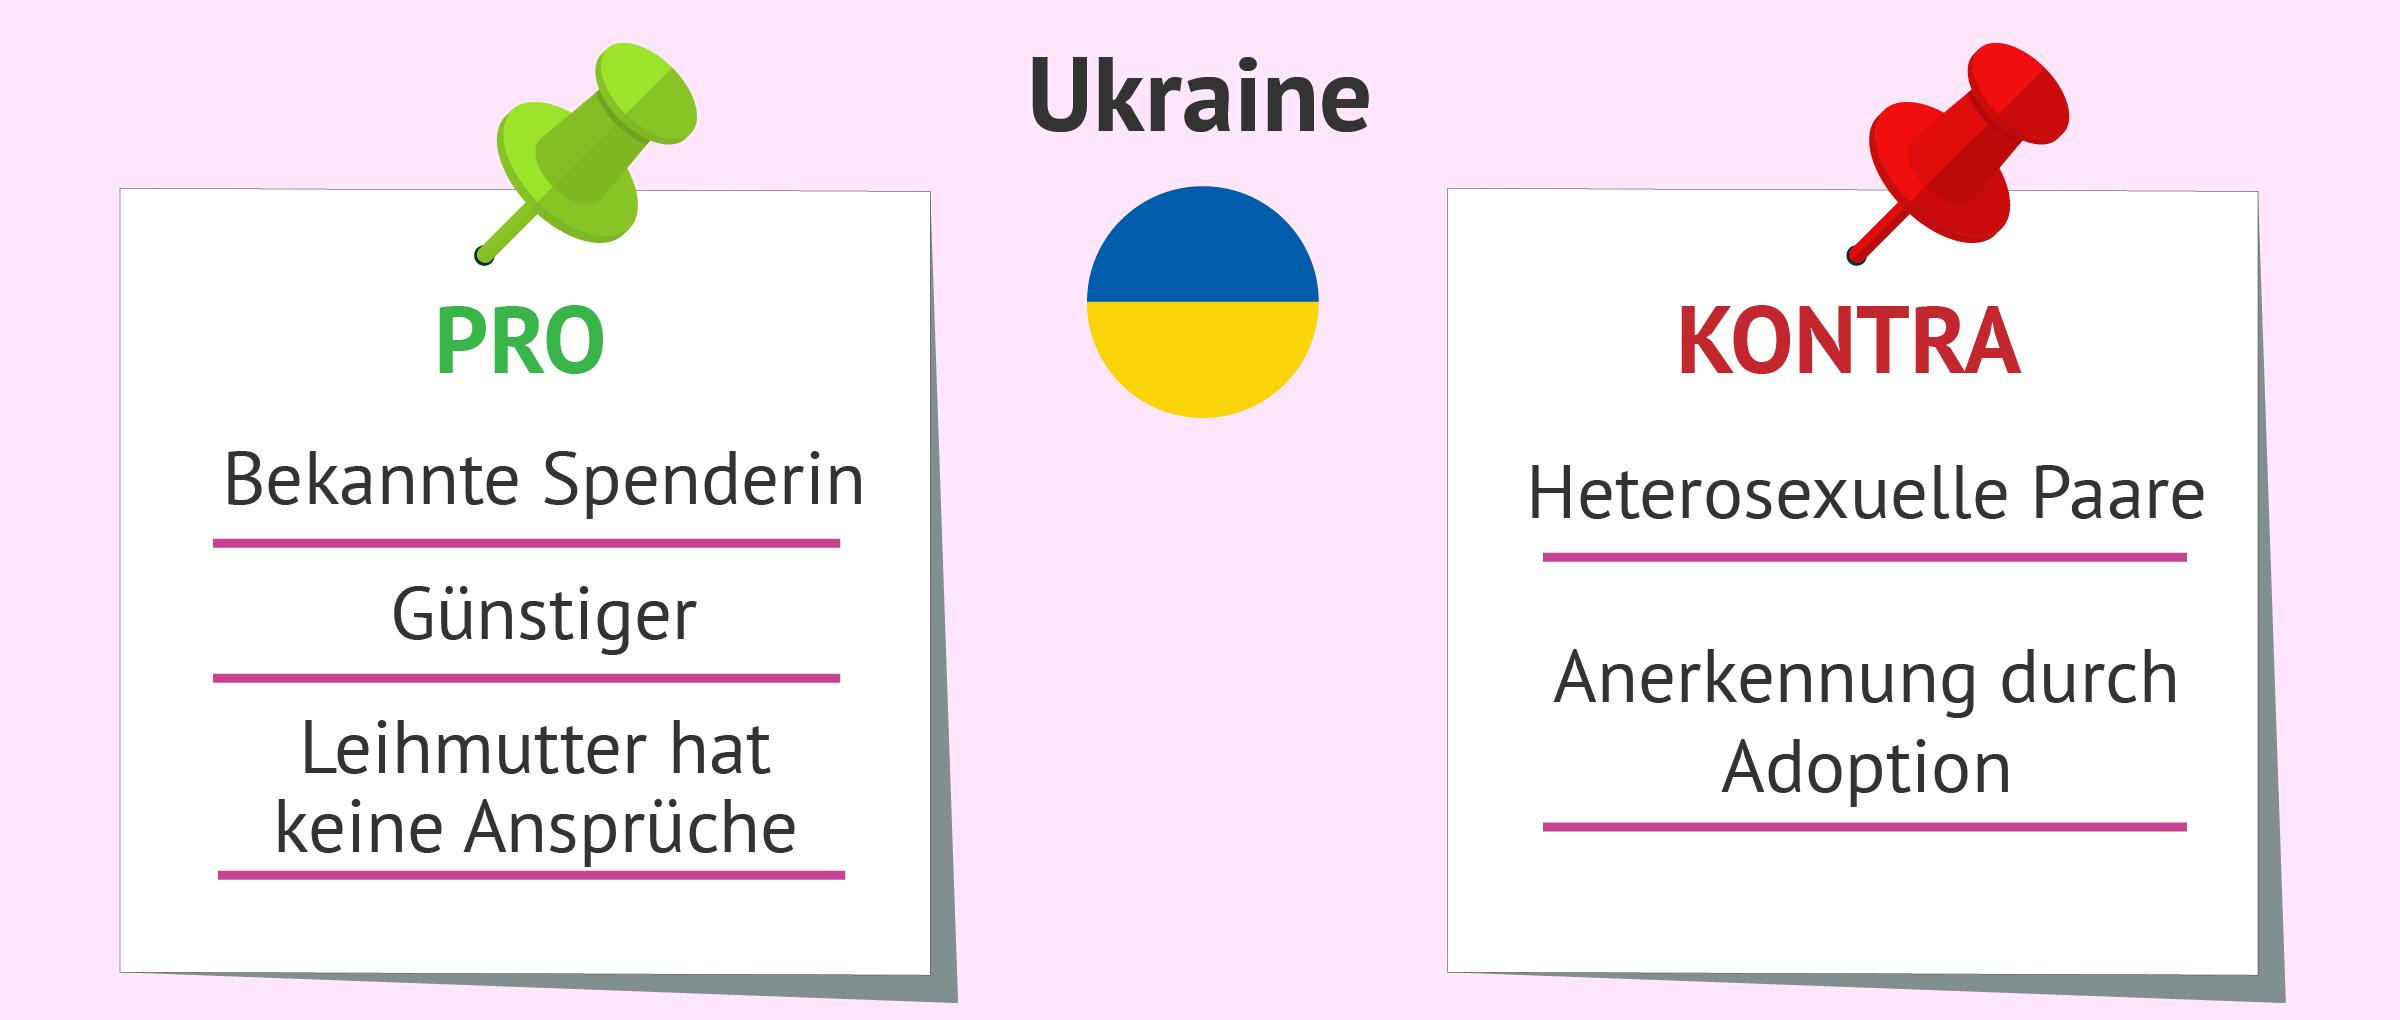 Vor-und Nachteile der Leihmutterschaft in der Ukraine